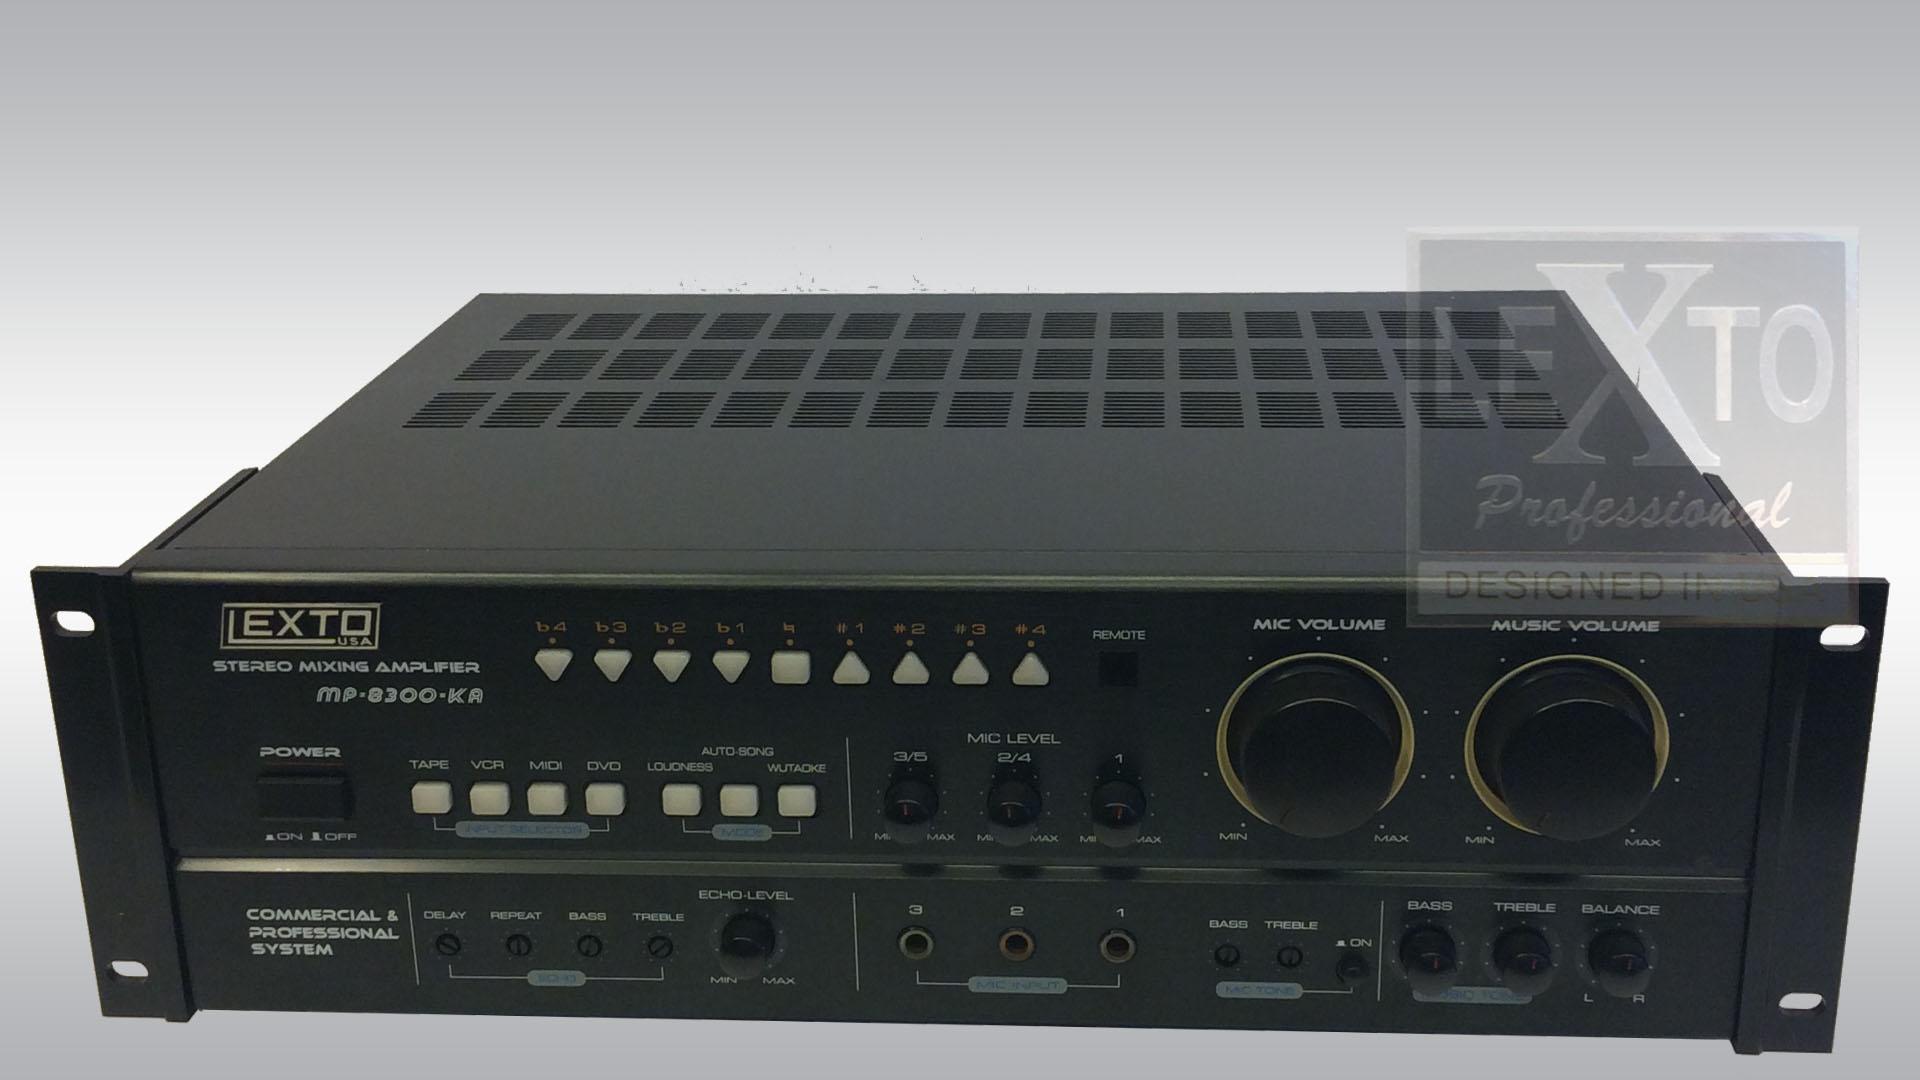 MP 8300-KA